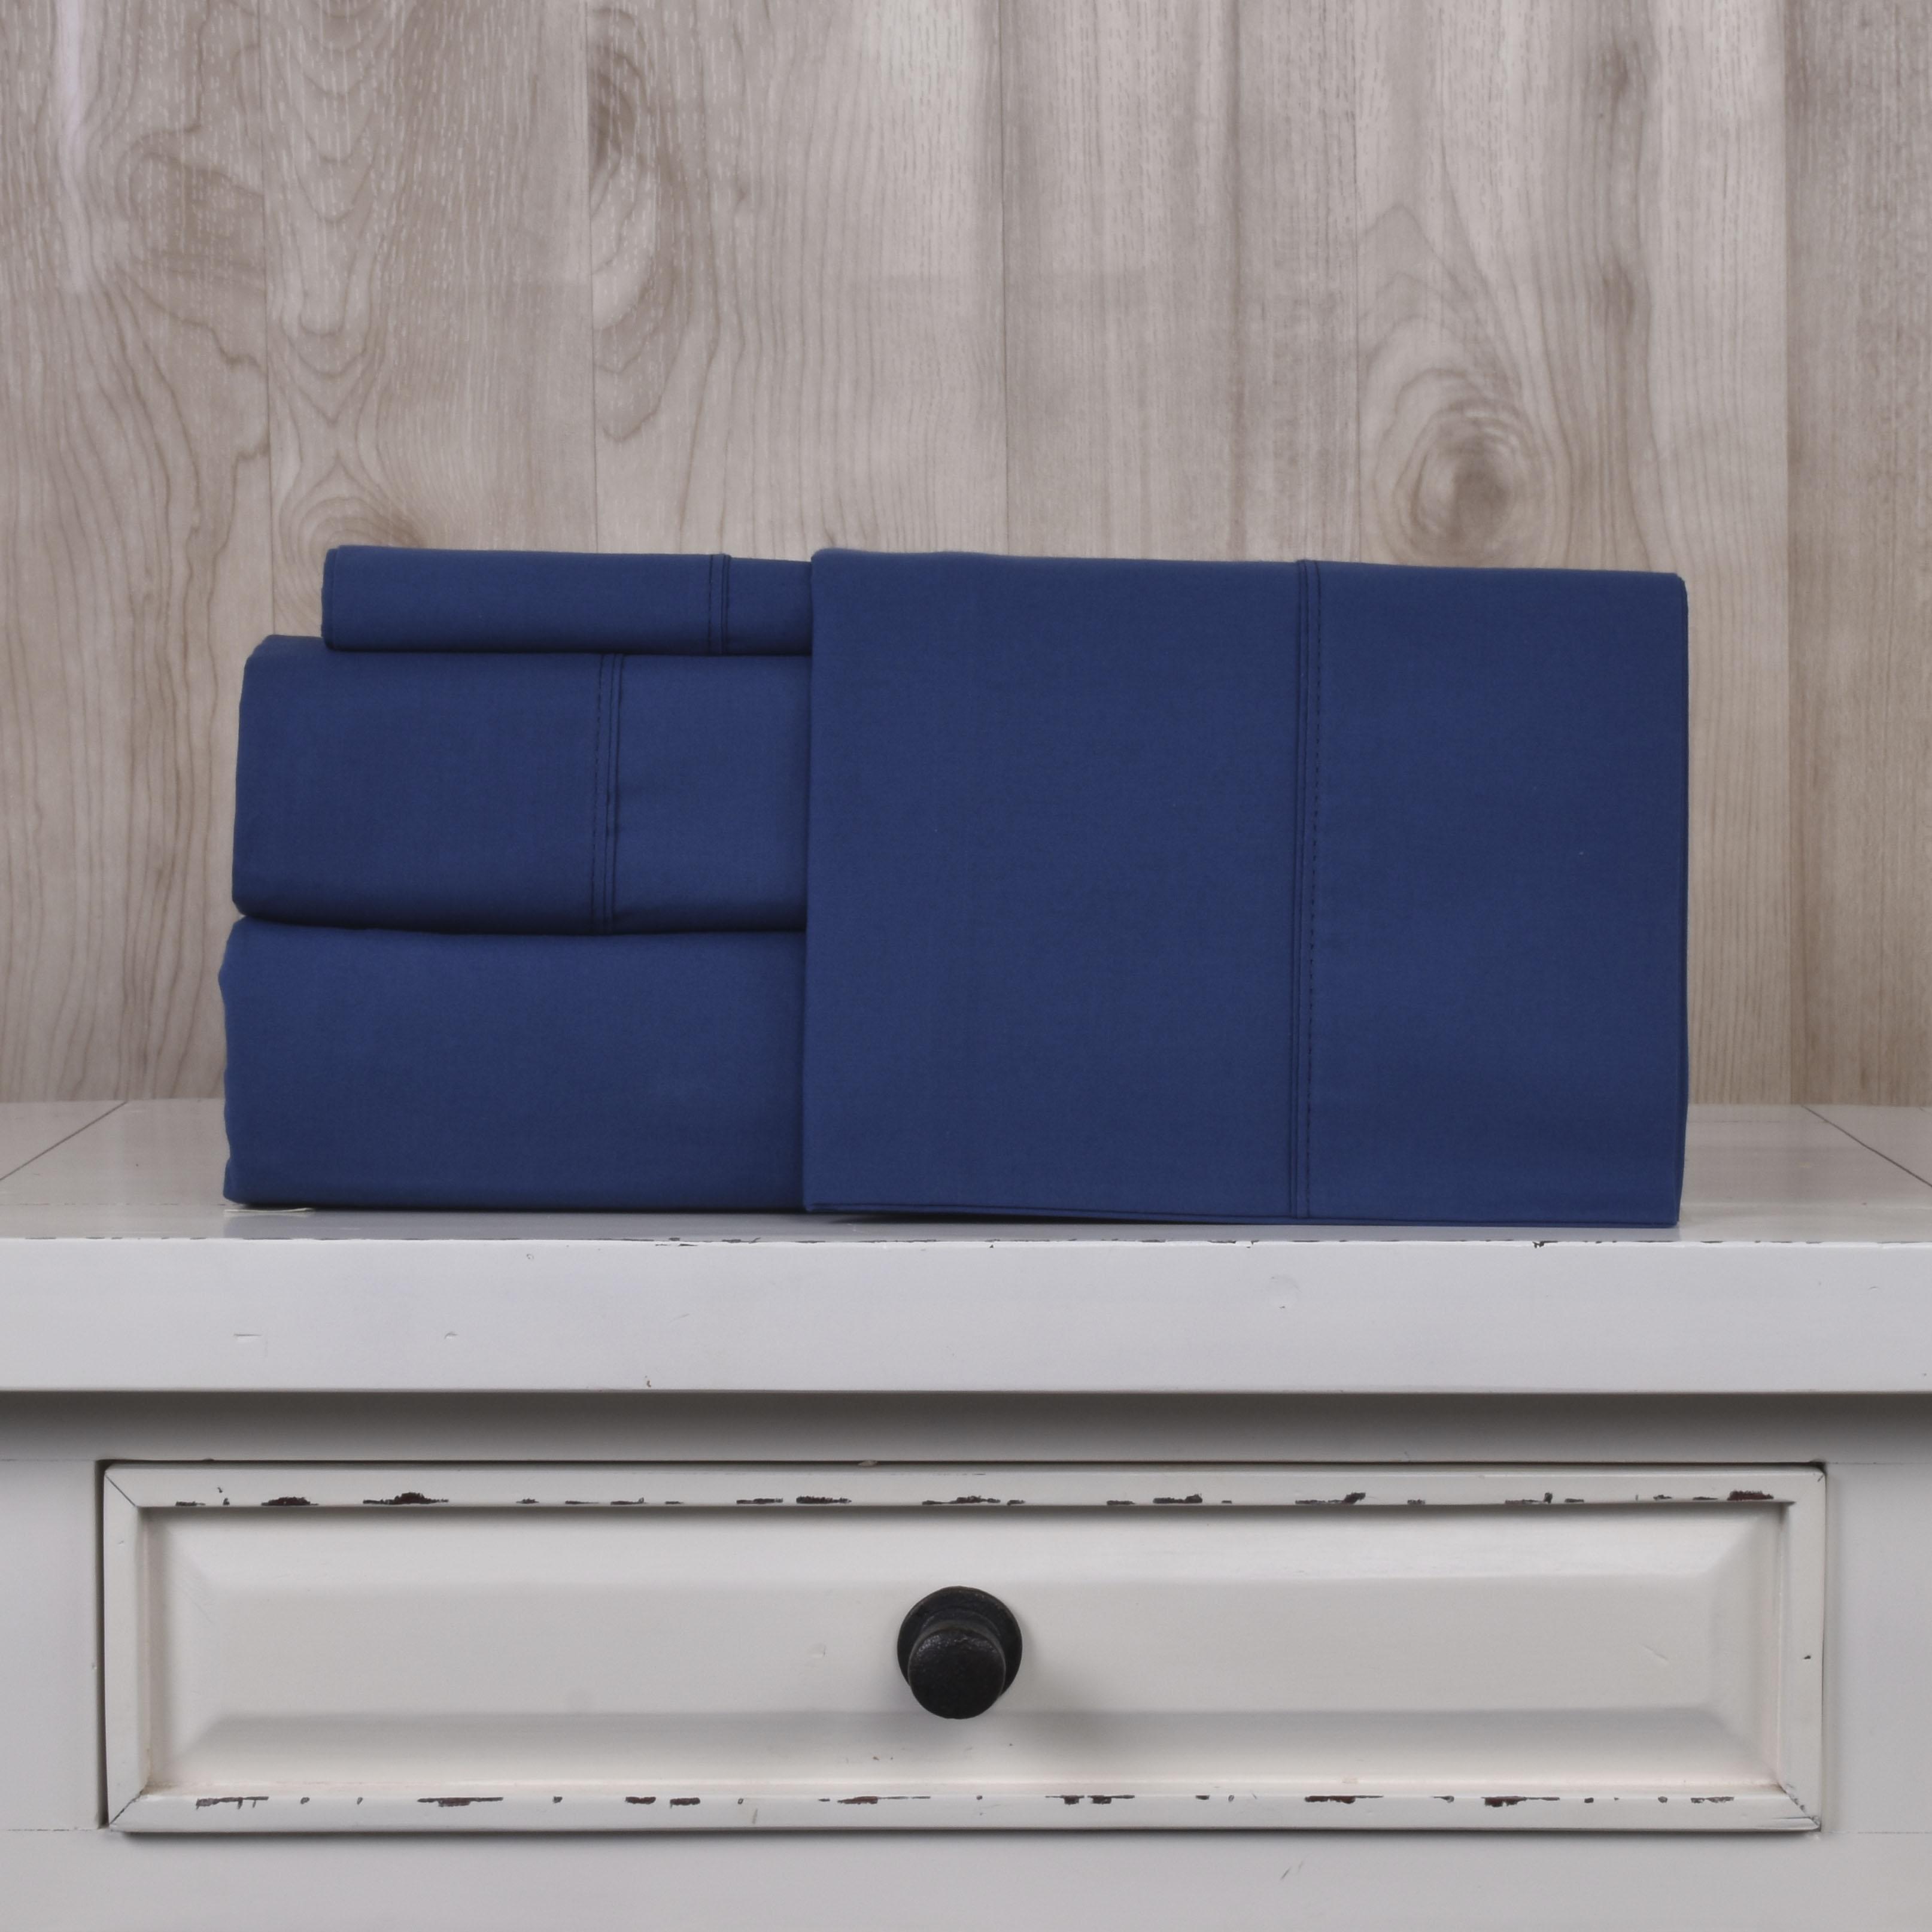 Juego de Sábanas 200 hilos Basic Colores - Basic Colores / Azul (Altura del Colchón: 30 cm)